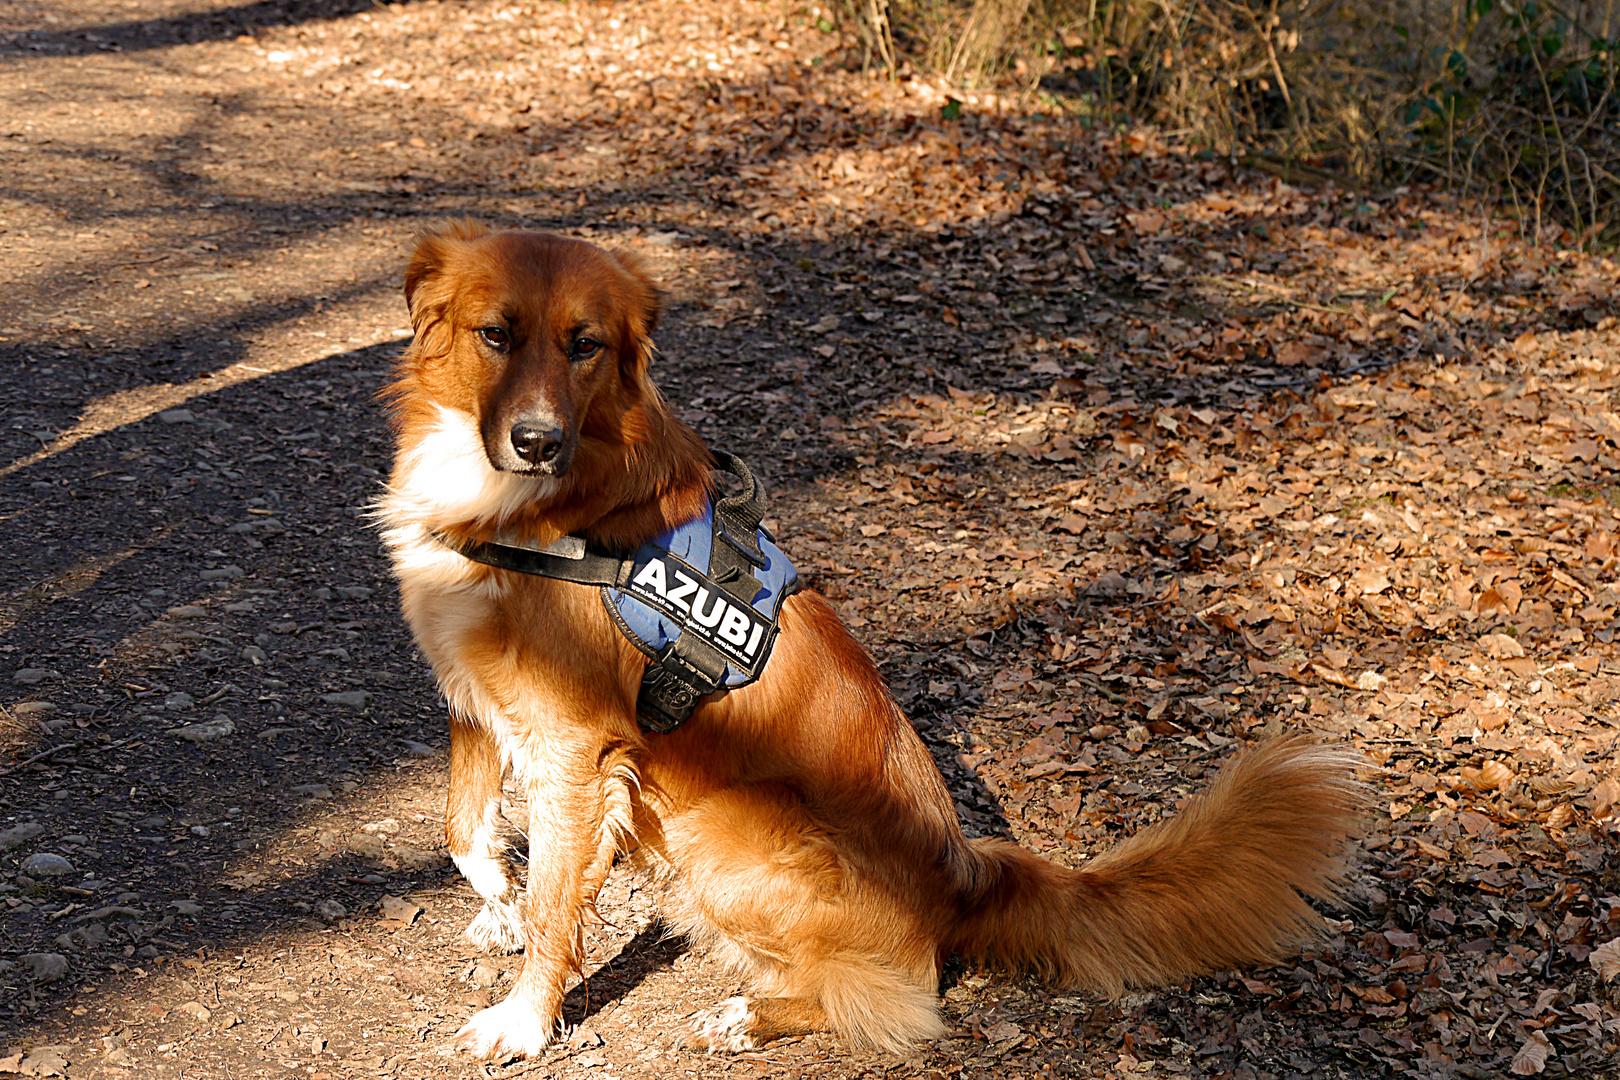 Wunderschöner Hund in der Ausbildung für die Polizei.